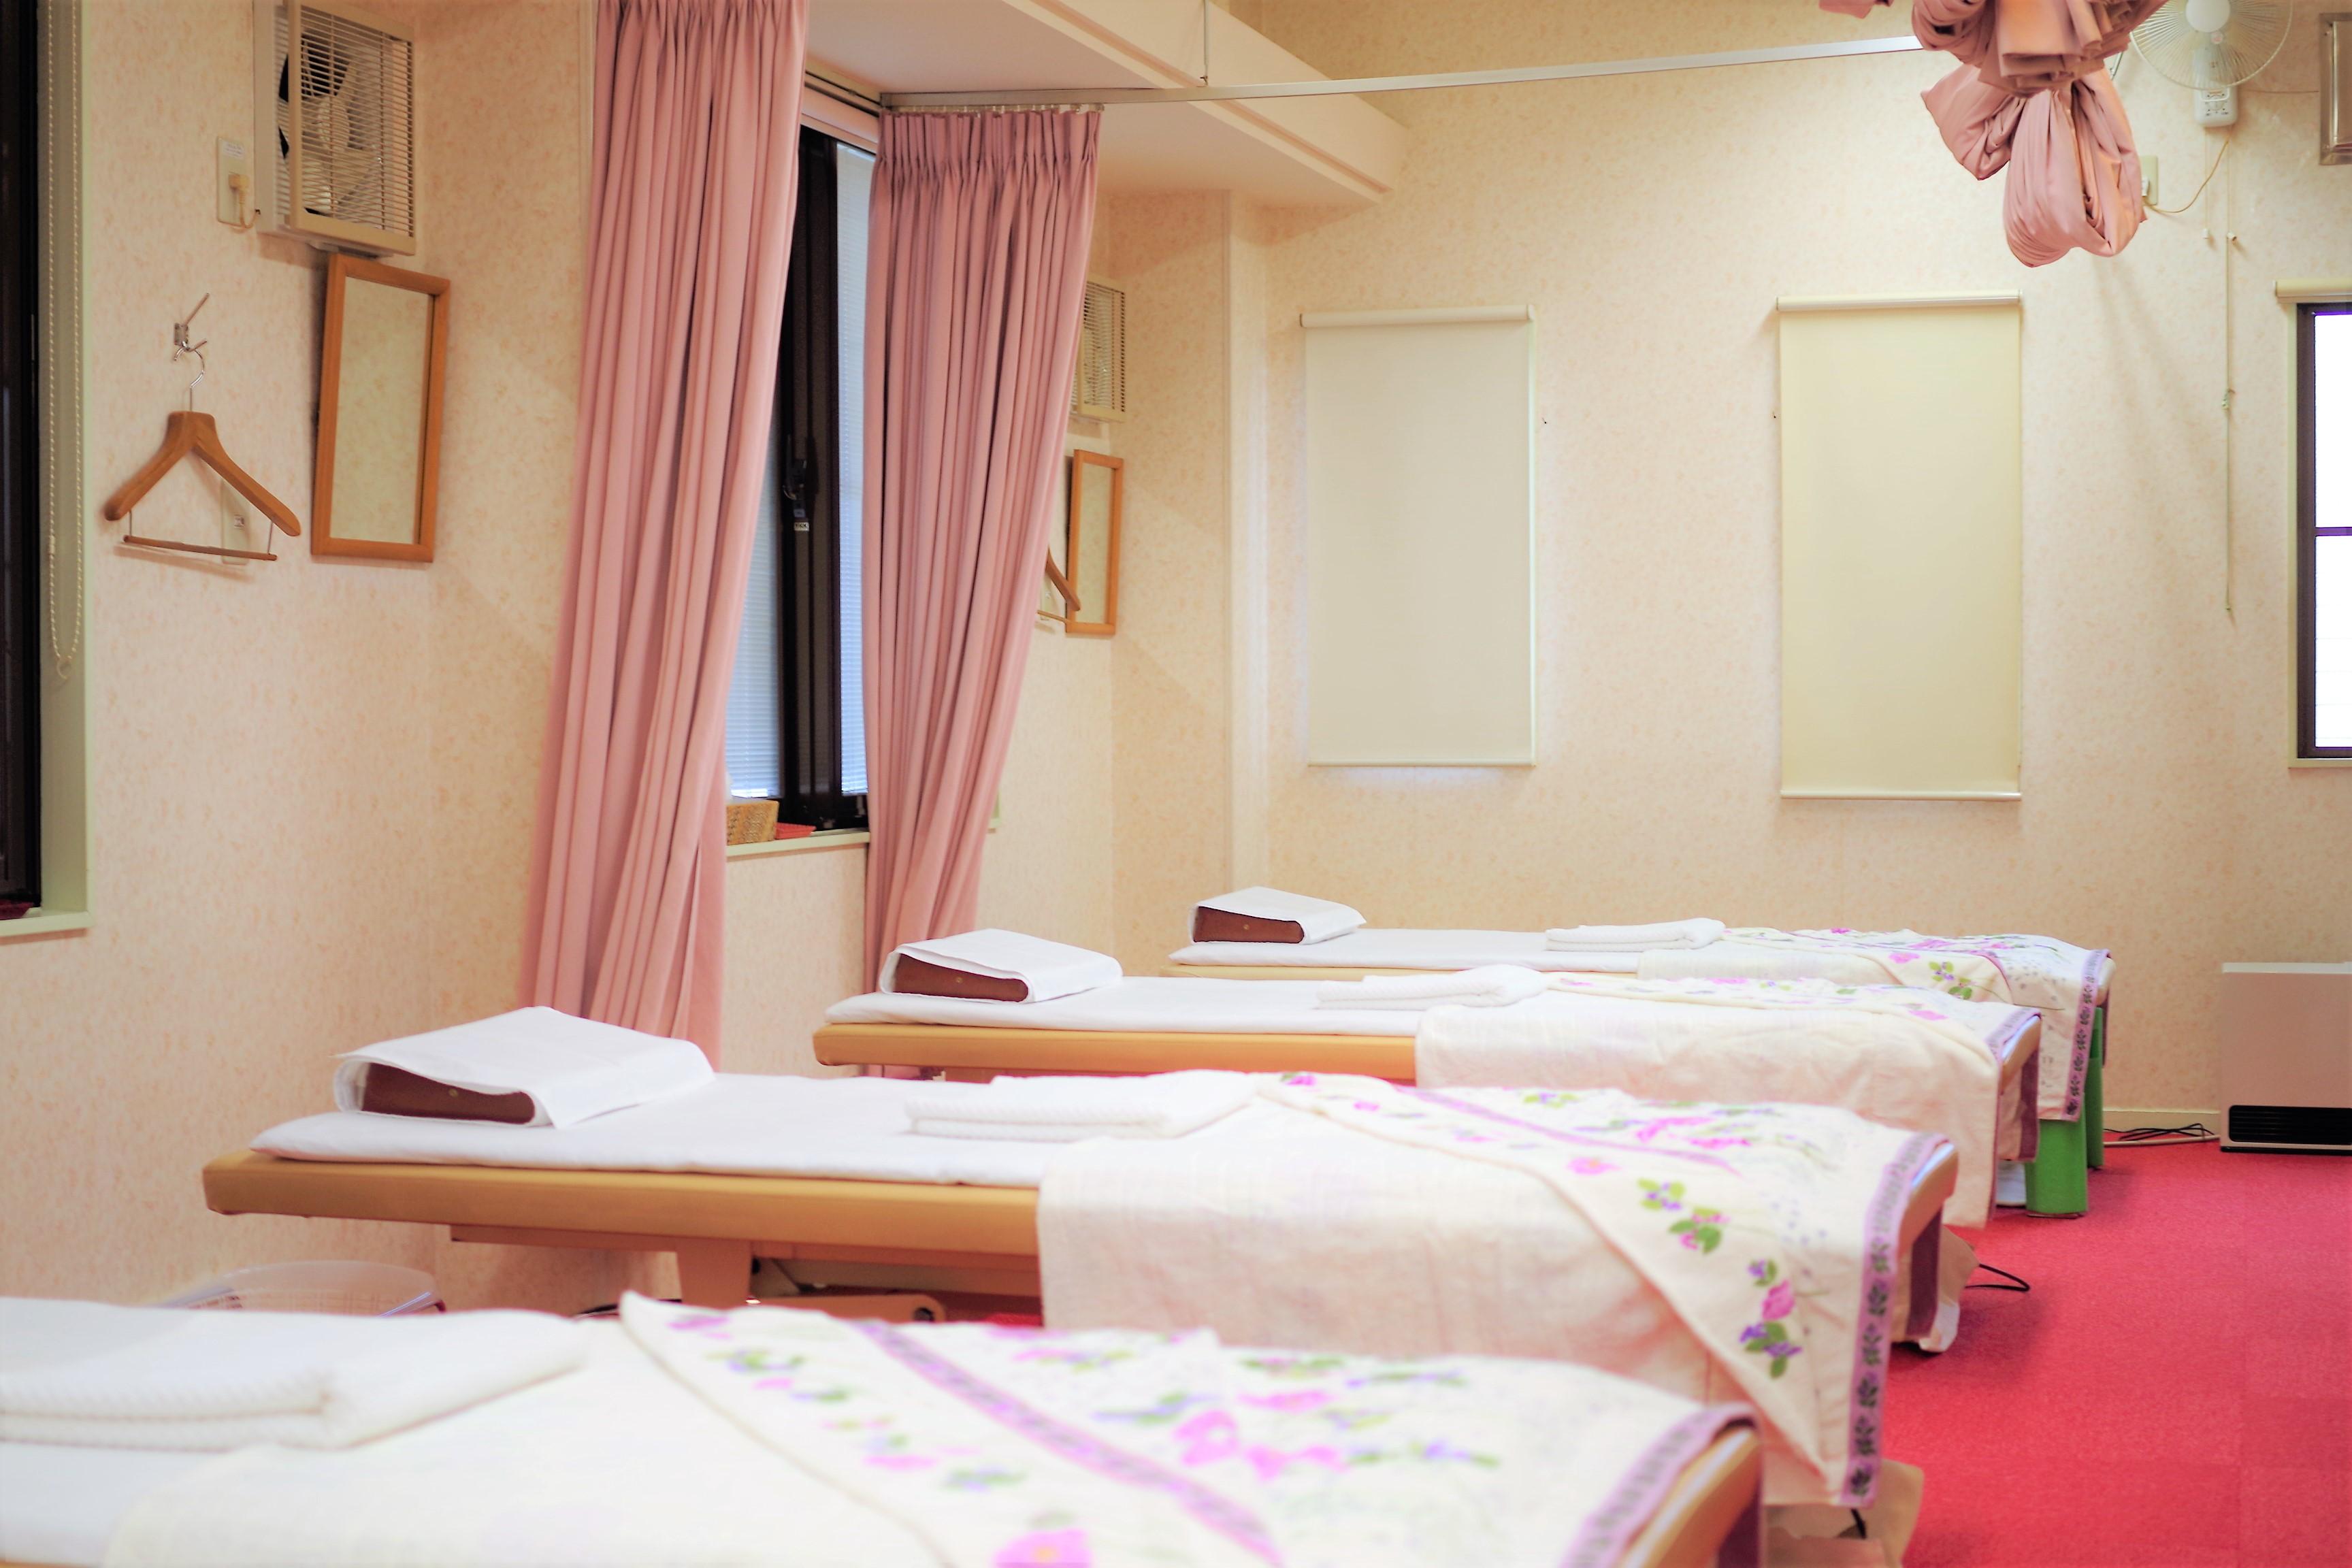 治療ベッドは6台あります。 ※実際の治療の際はカーテンで仕切らせて頂いております。  お待たせする時間は0分~5分と、可能な限り短くできるよう努めておりますが、はりきゅう治療の性質上、30分以上お待たせしてしまう場合がございます。 時間予約をご希望の場合やその他ご不安な場合はお気軽にご相談下さい。